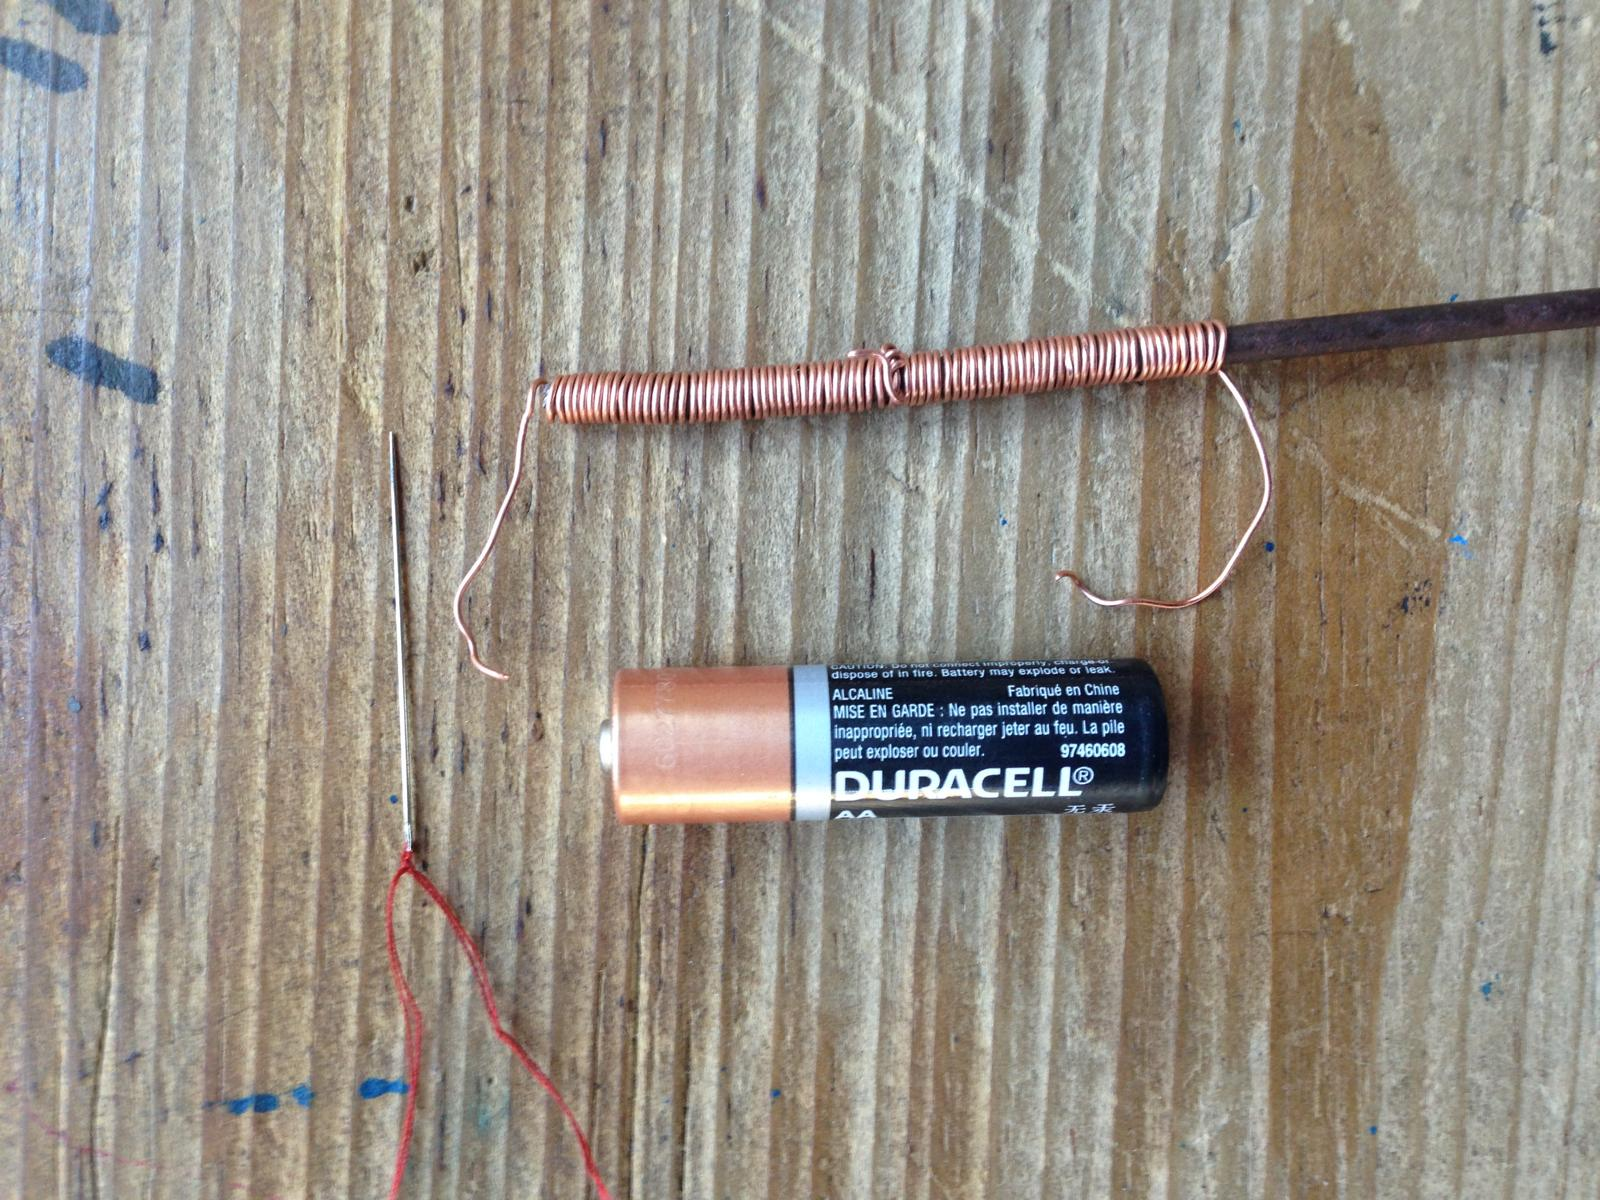 Nicht der effektivste Elektromagnet für den Schulunterricht aber suchen Sie mal in Humla die Sachen dafür!